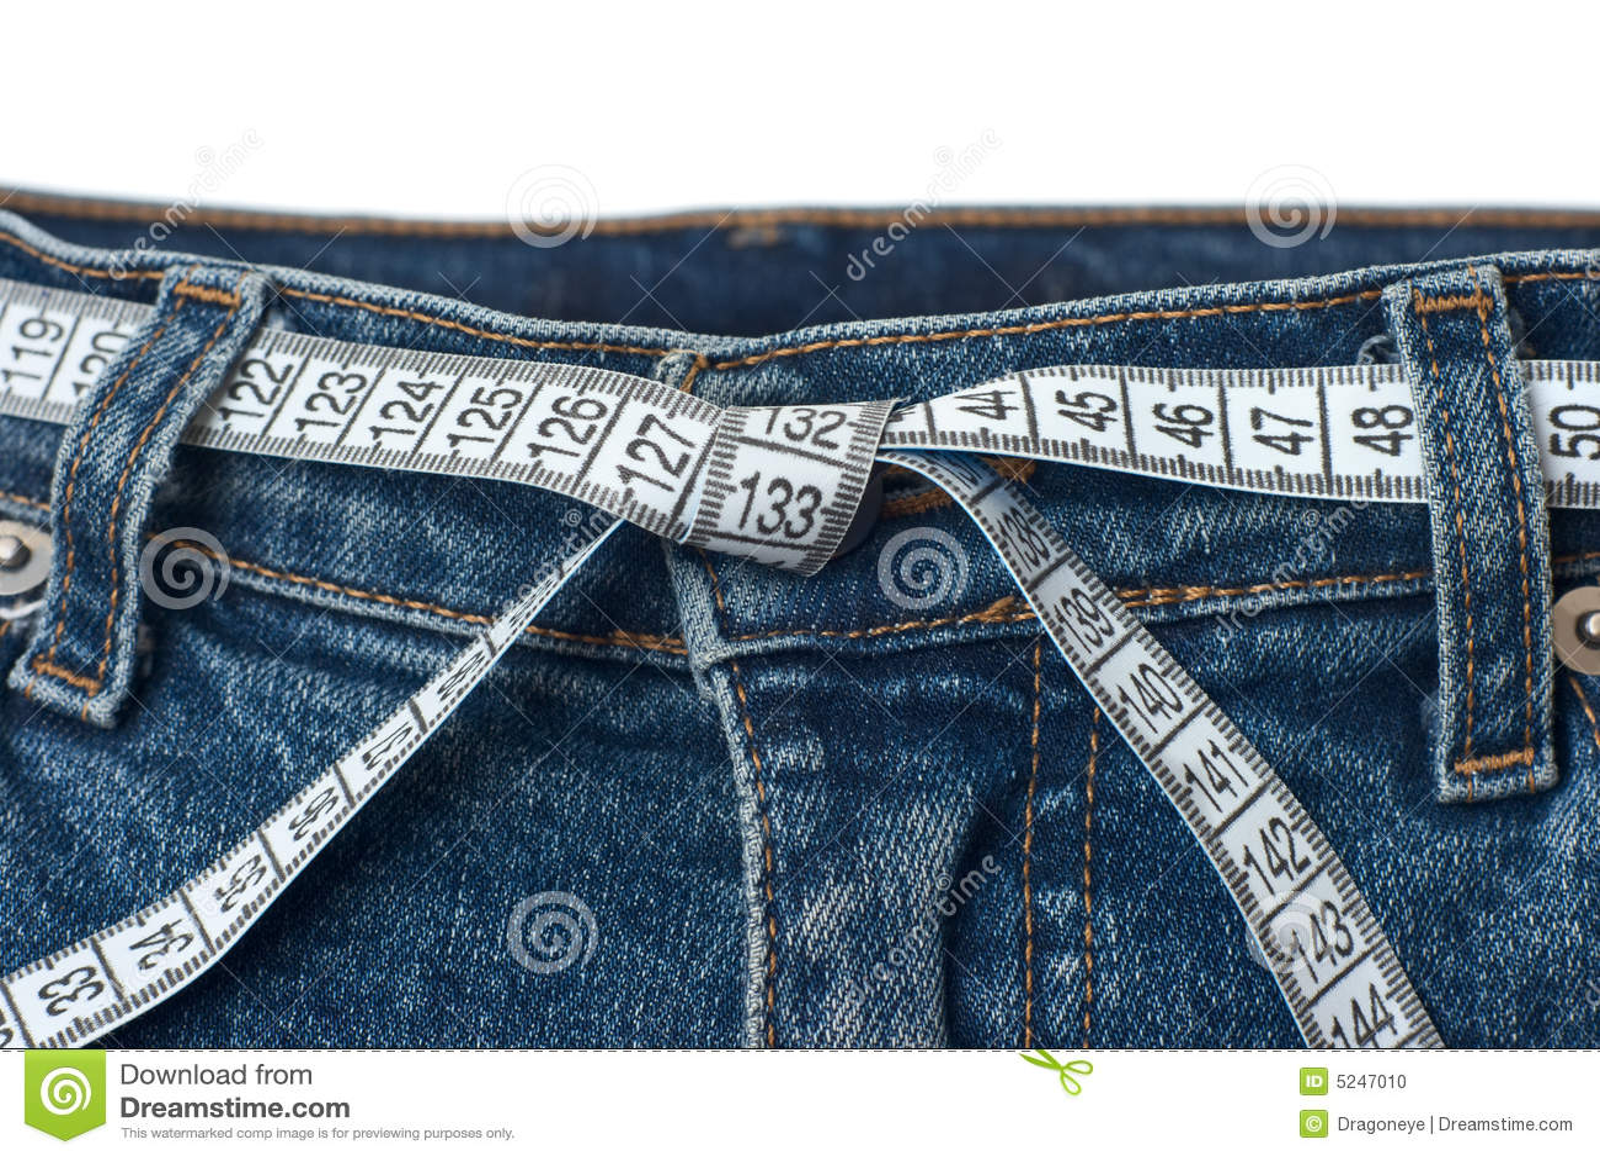 Verificação da cintura e conceito de controle do peso adicional